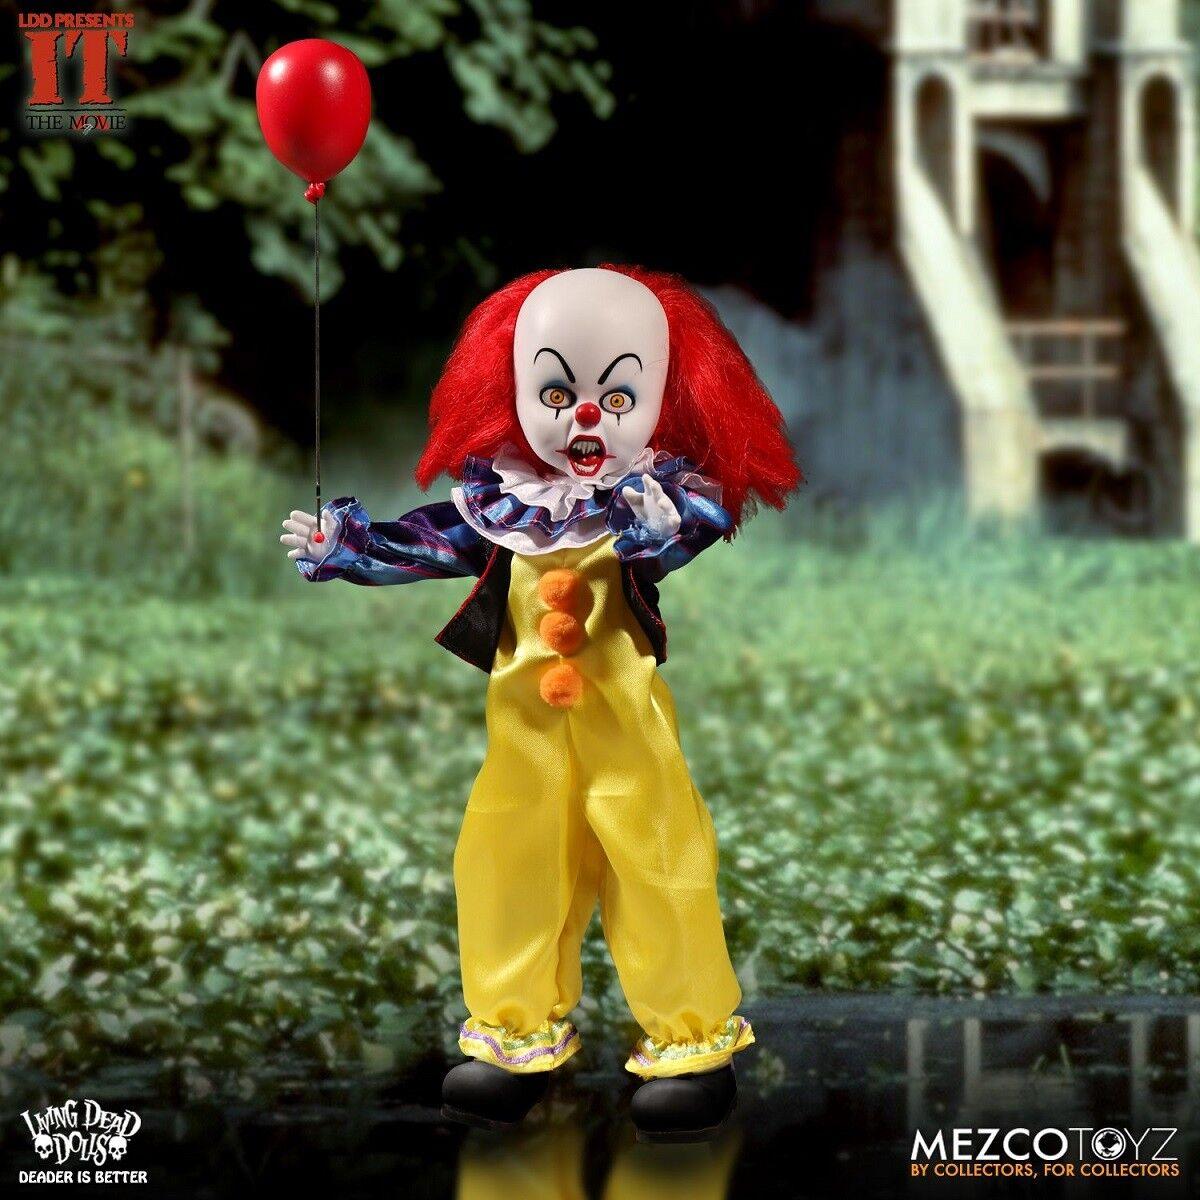 Mezco Toyz Living Dead Dolls presenta 1990 Pennywise 10 in (approx. 25.40 cm) Muñeca